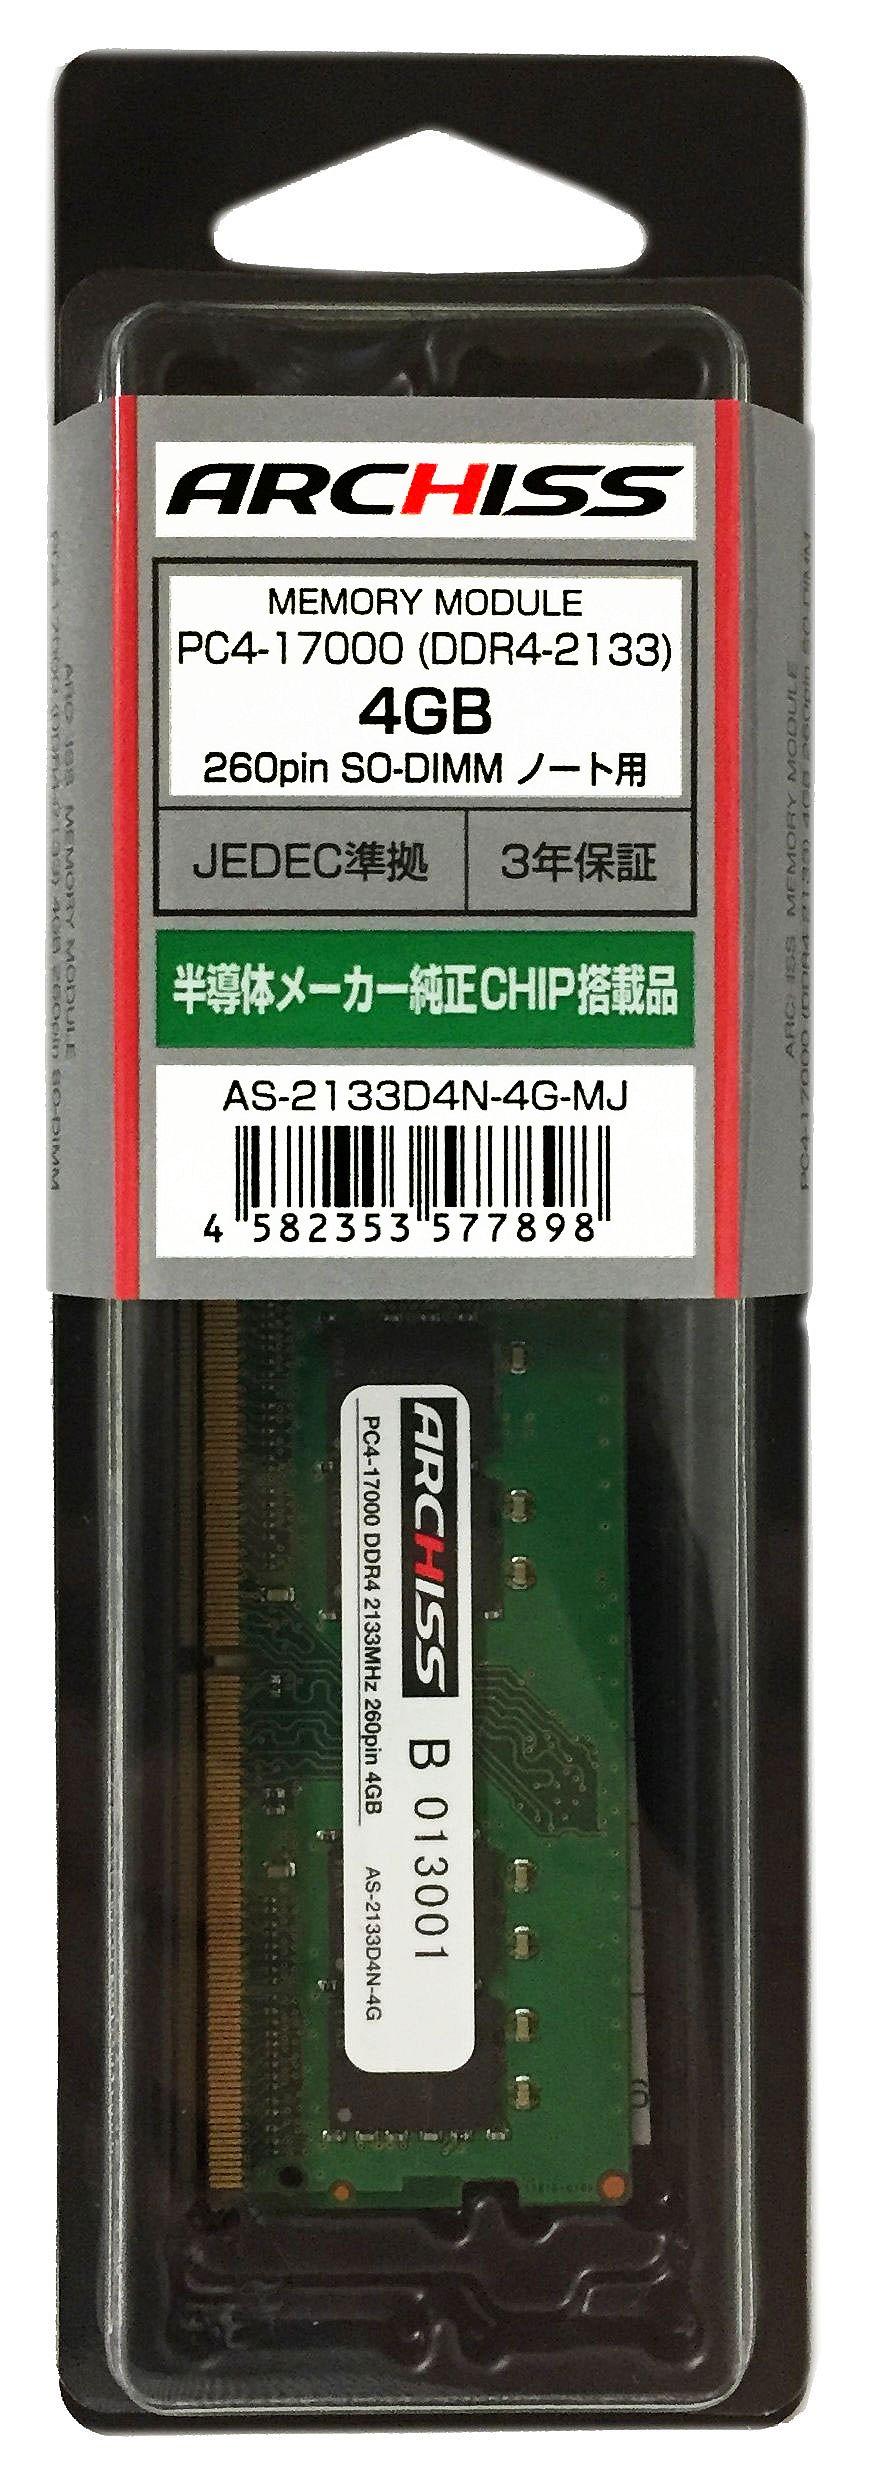 AS-2133D4N-4G-MJ